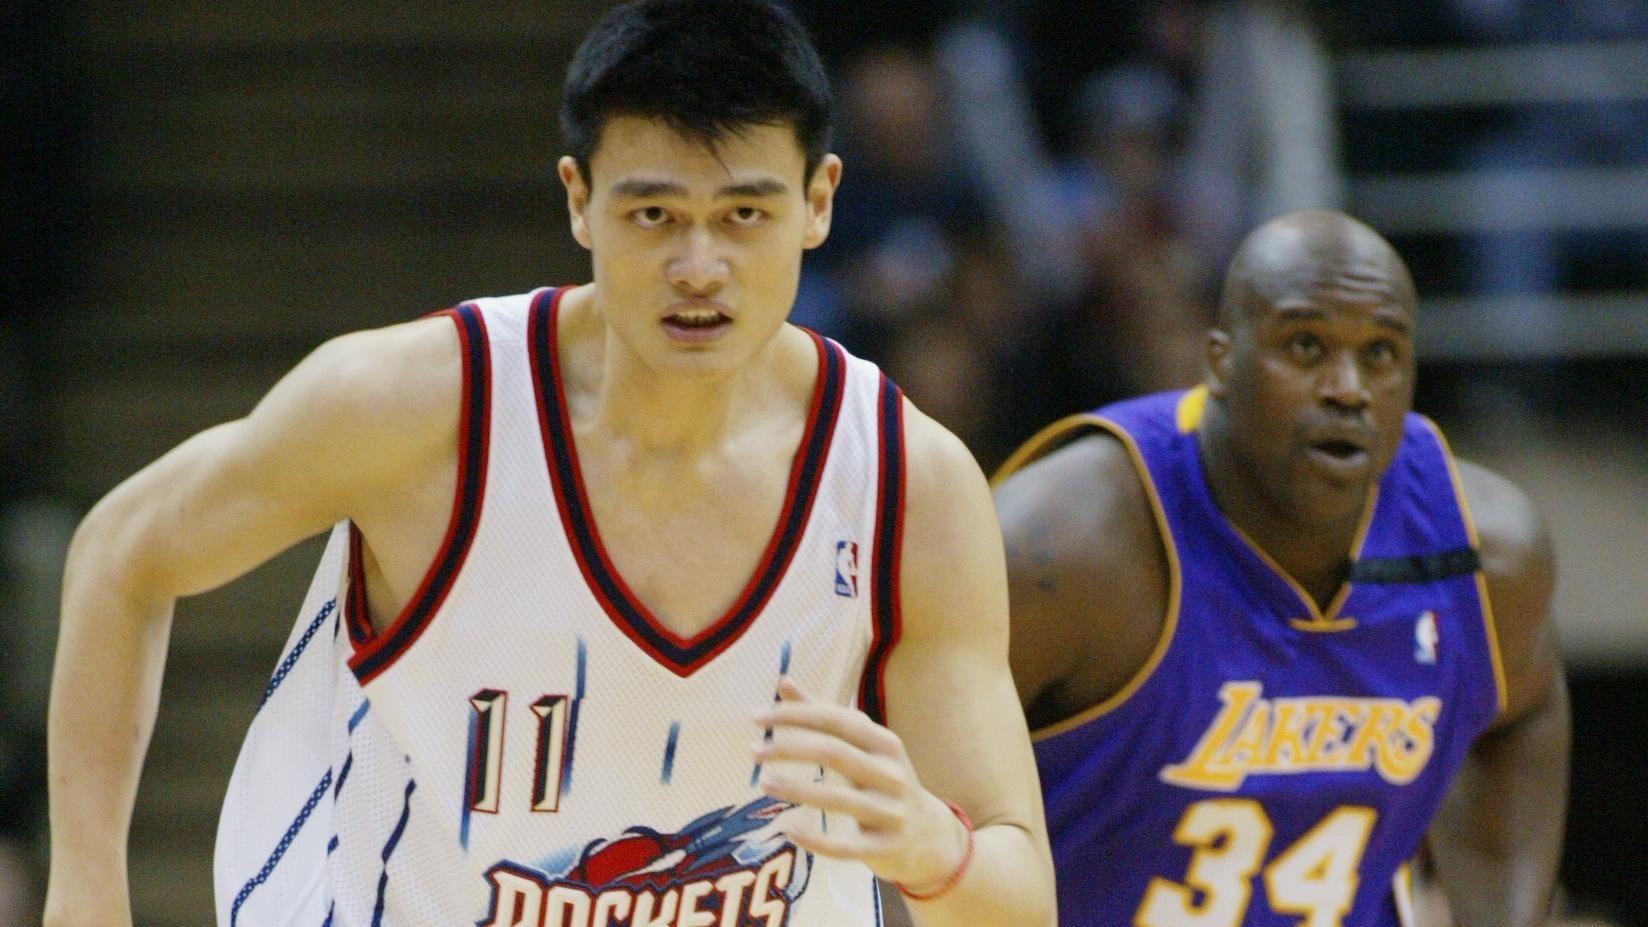 Première rencontre explosive entre Shaq et Yao Ming